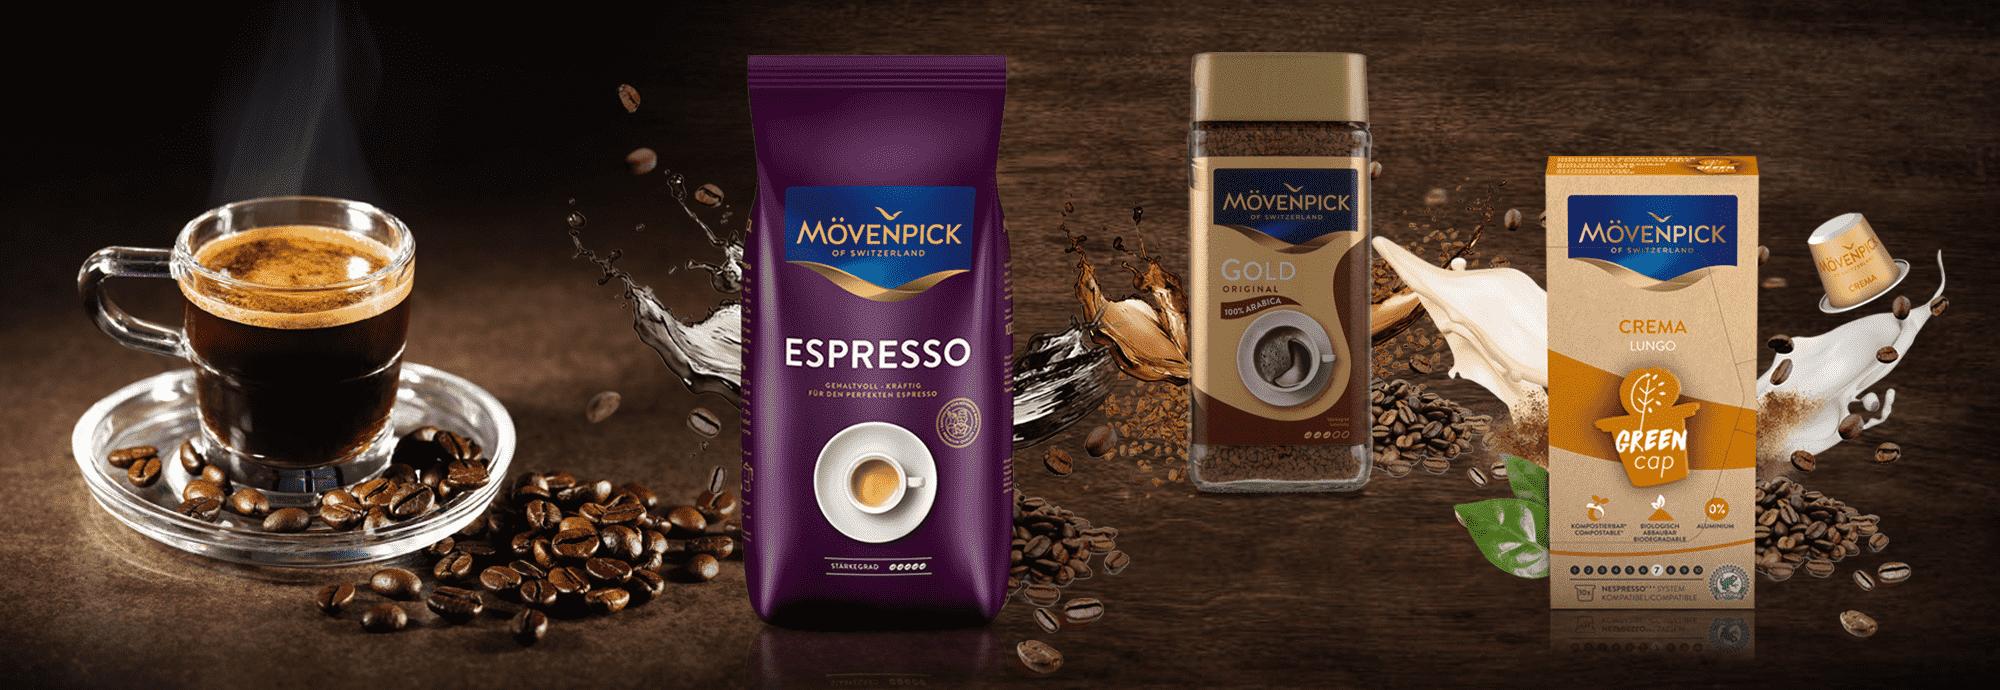 Mövenpick kávé különlegességek